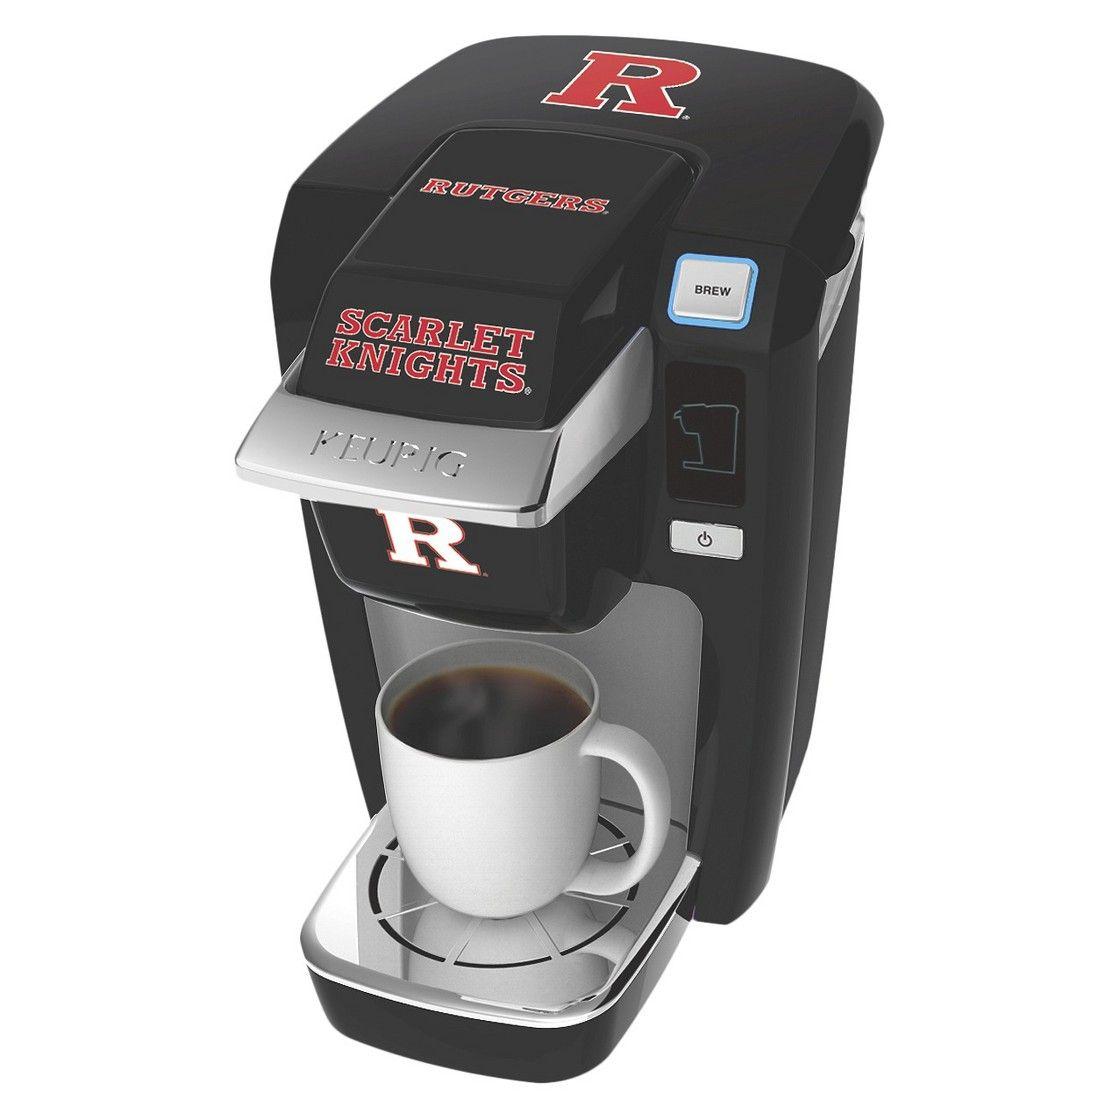 Keurig K10 Decal Rutgers University Keurig Single Coffee